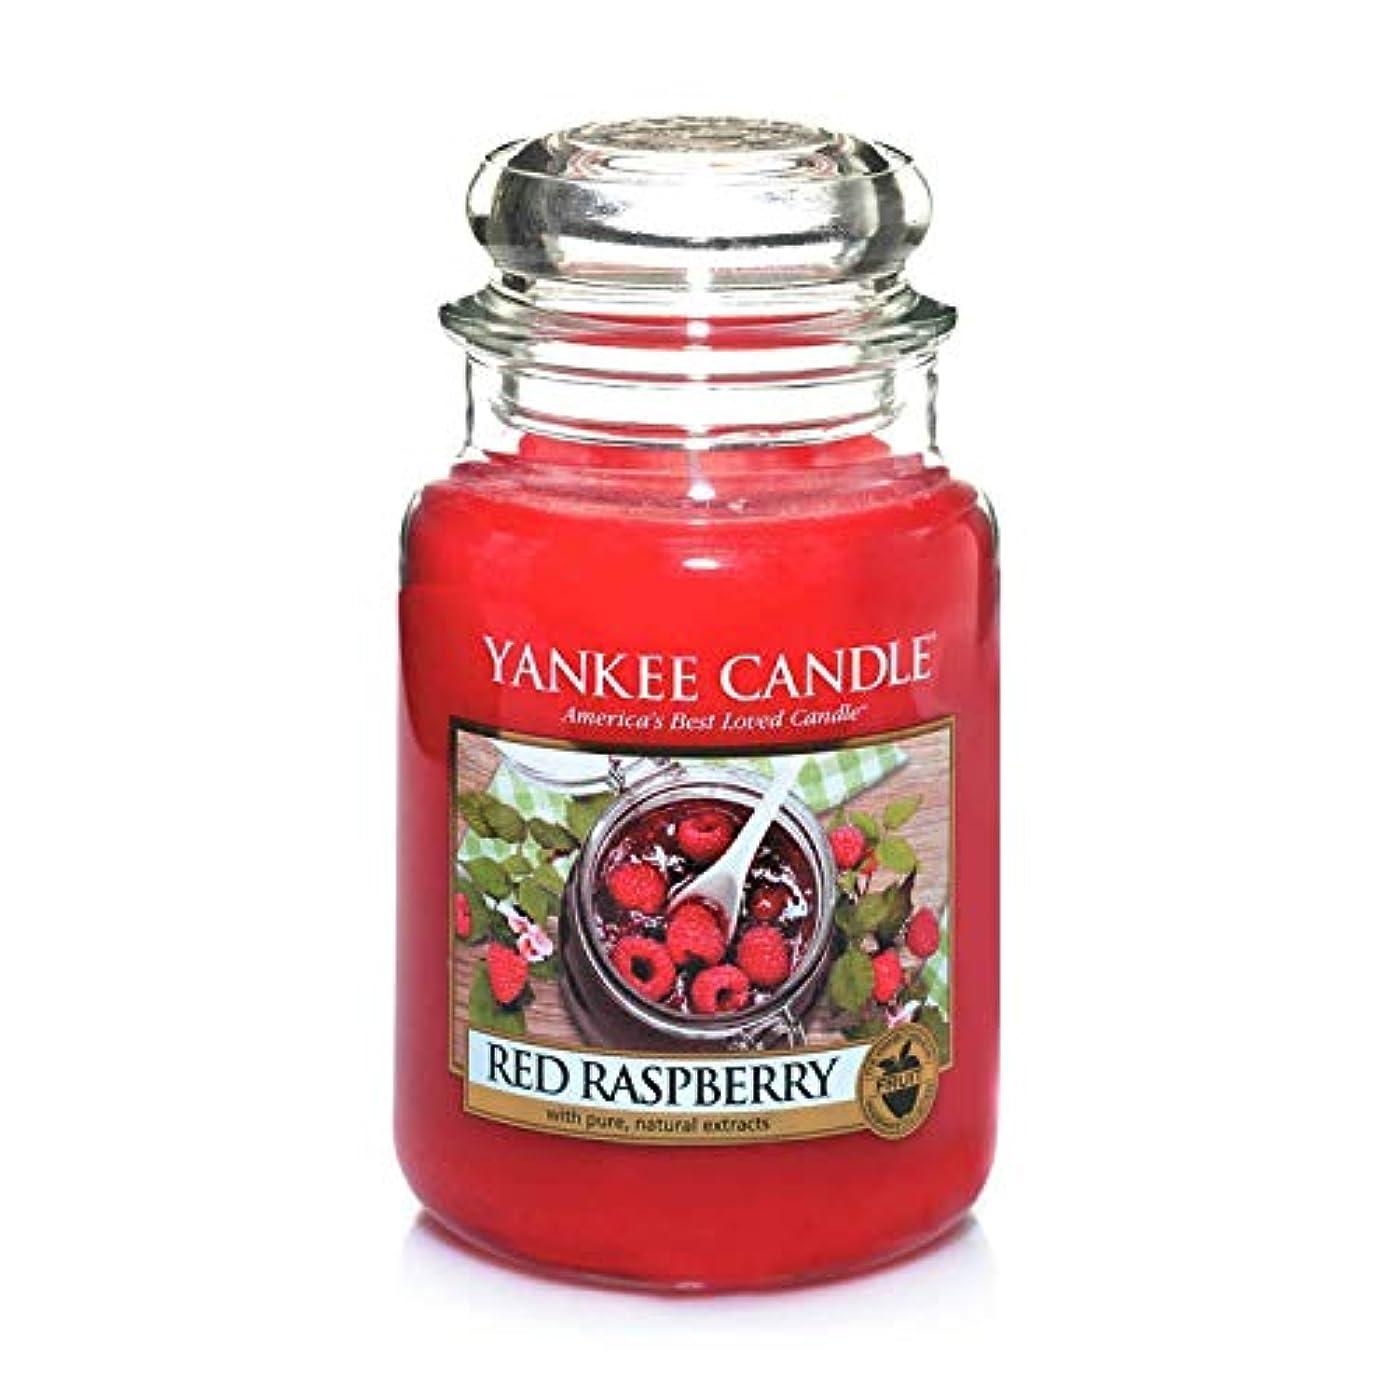 モジュールクレデンシャル所有者ACAO エッセンシャルオイルアロマキャンドル、大きなガラスの瓶キャンドルソイワックスキャンドル古典的なスタイル (色 : Red raspberry)